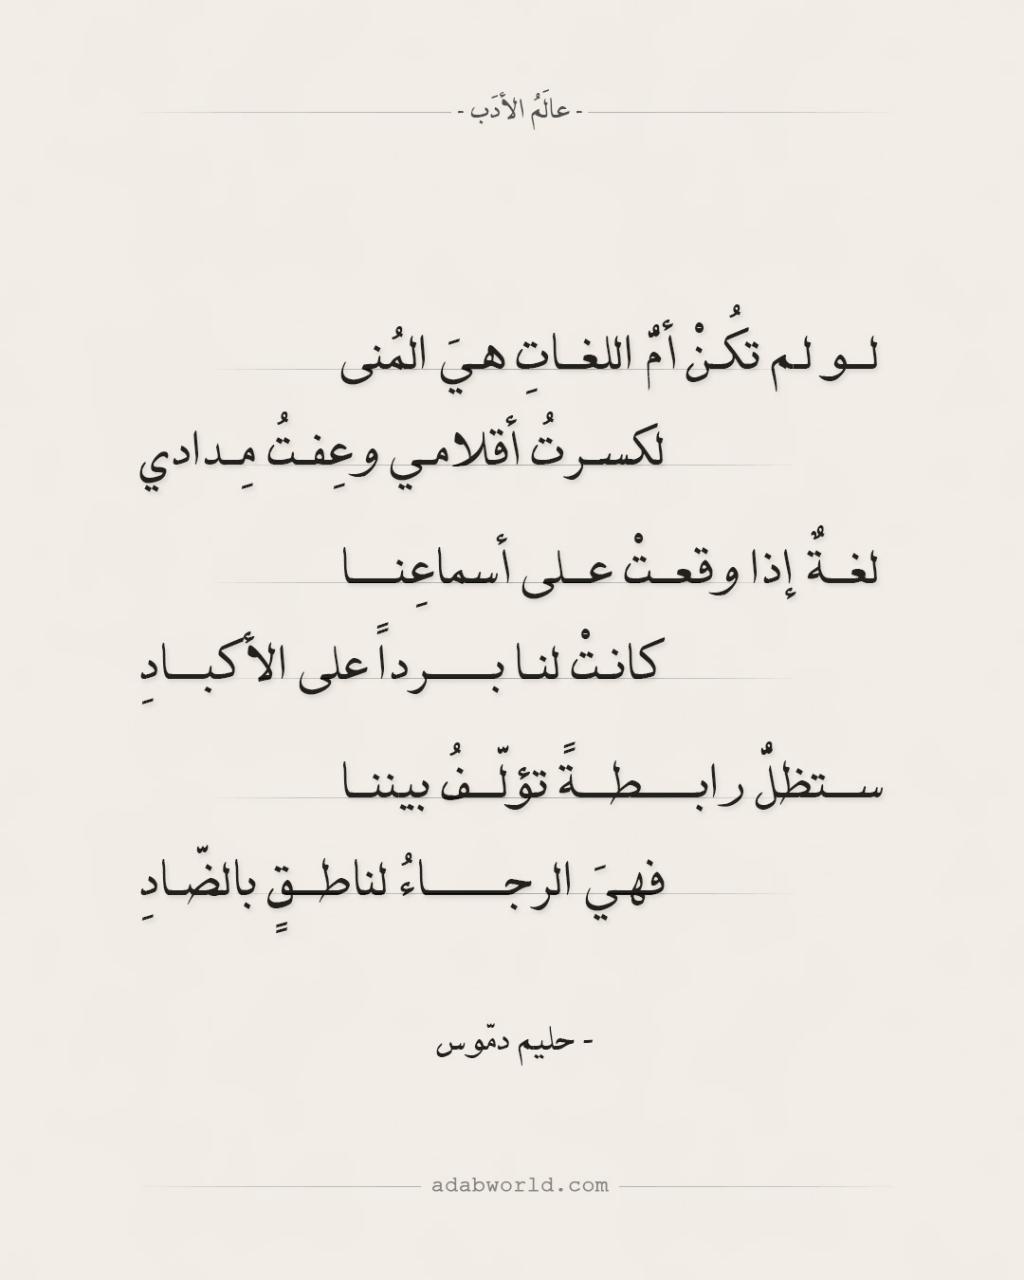 عبارات عن اللغه العربيه قصيره جدا